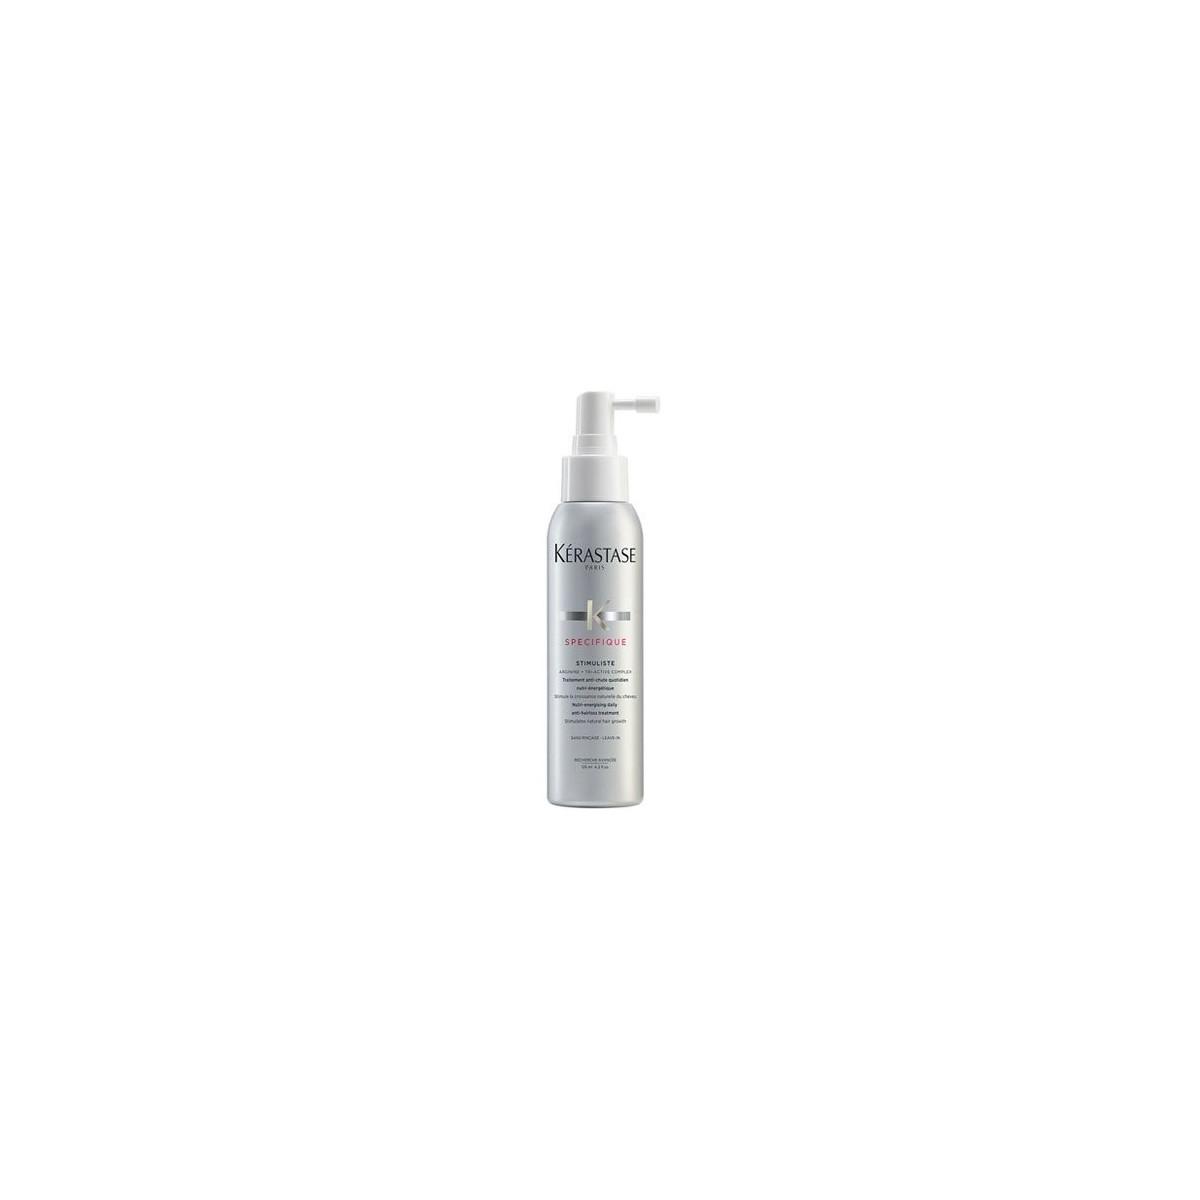 Kerastase Specifique Stimuliste spray pobudzający wzrost włosów 125ml